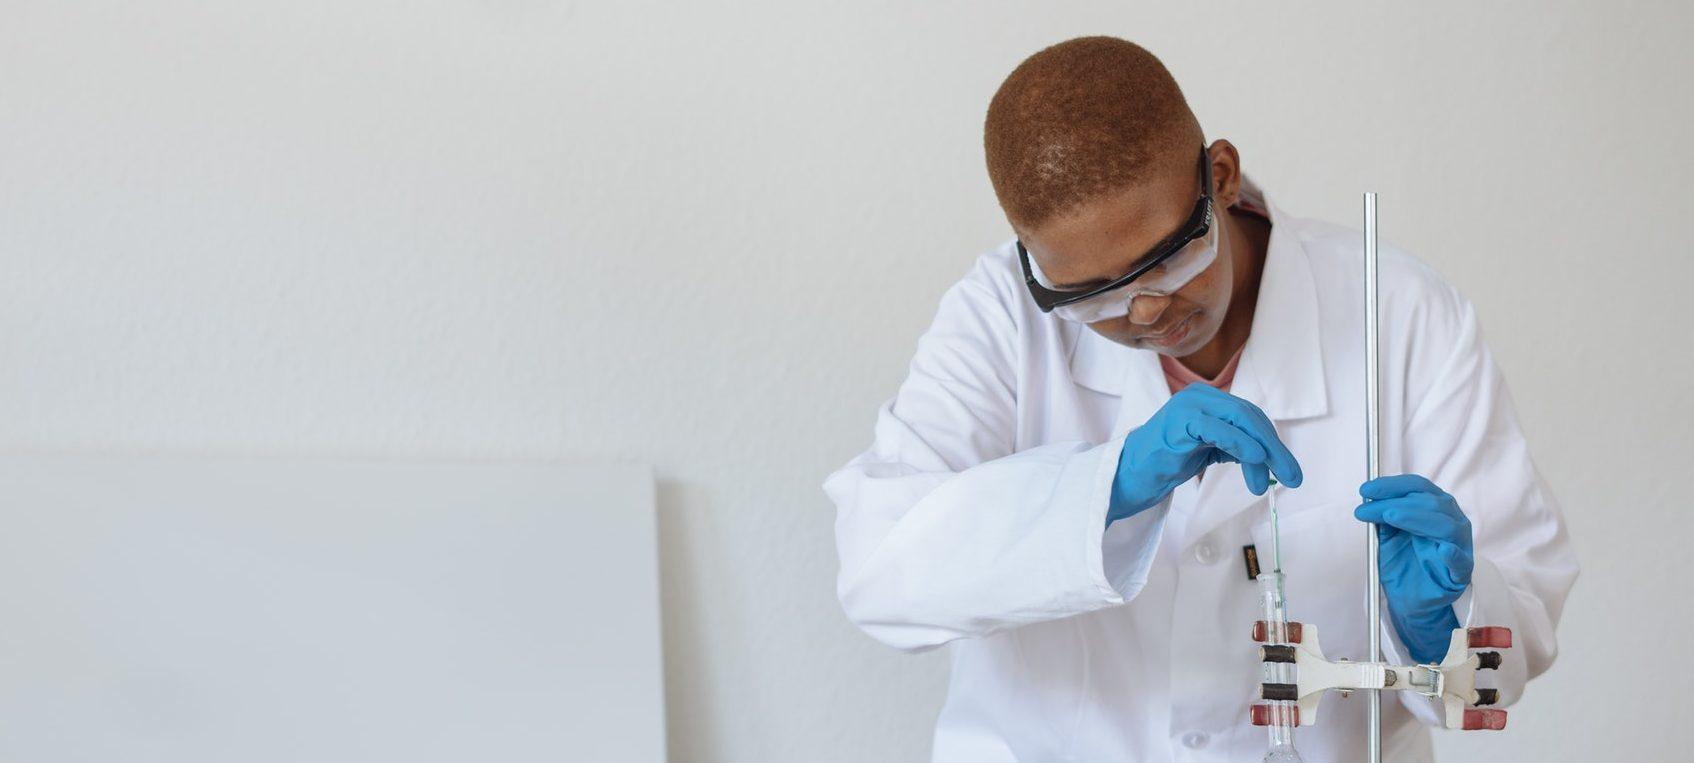 Evolve invests in new pharma labs in Ghana